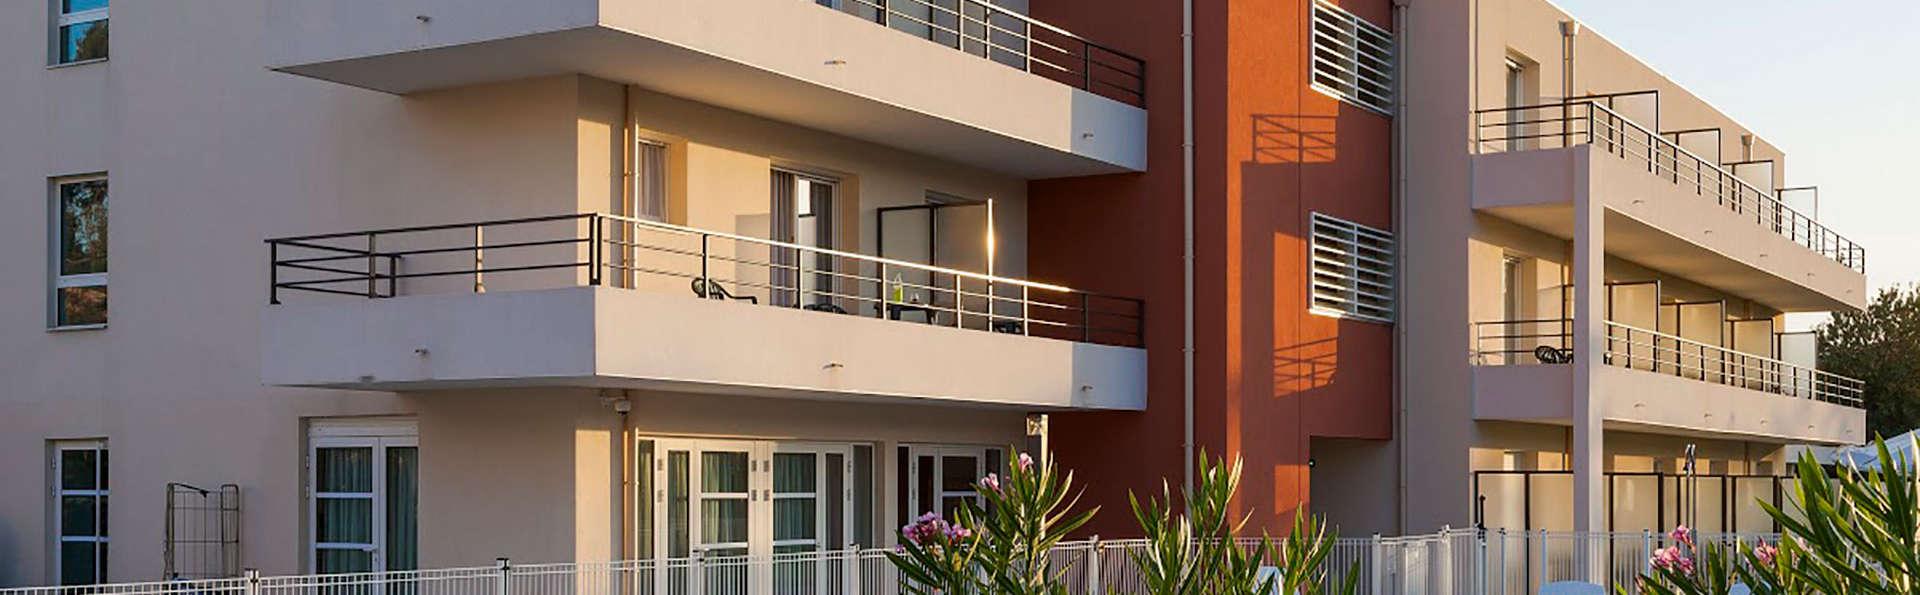 Zenitude Hôtel Résidences Confort Cannes Mandelieu - EDIT_front.jpg